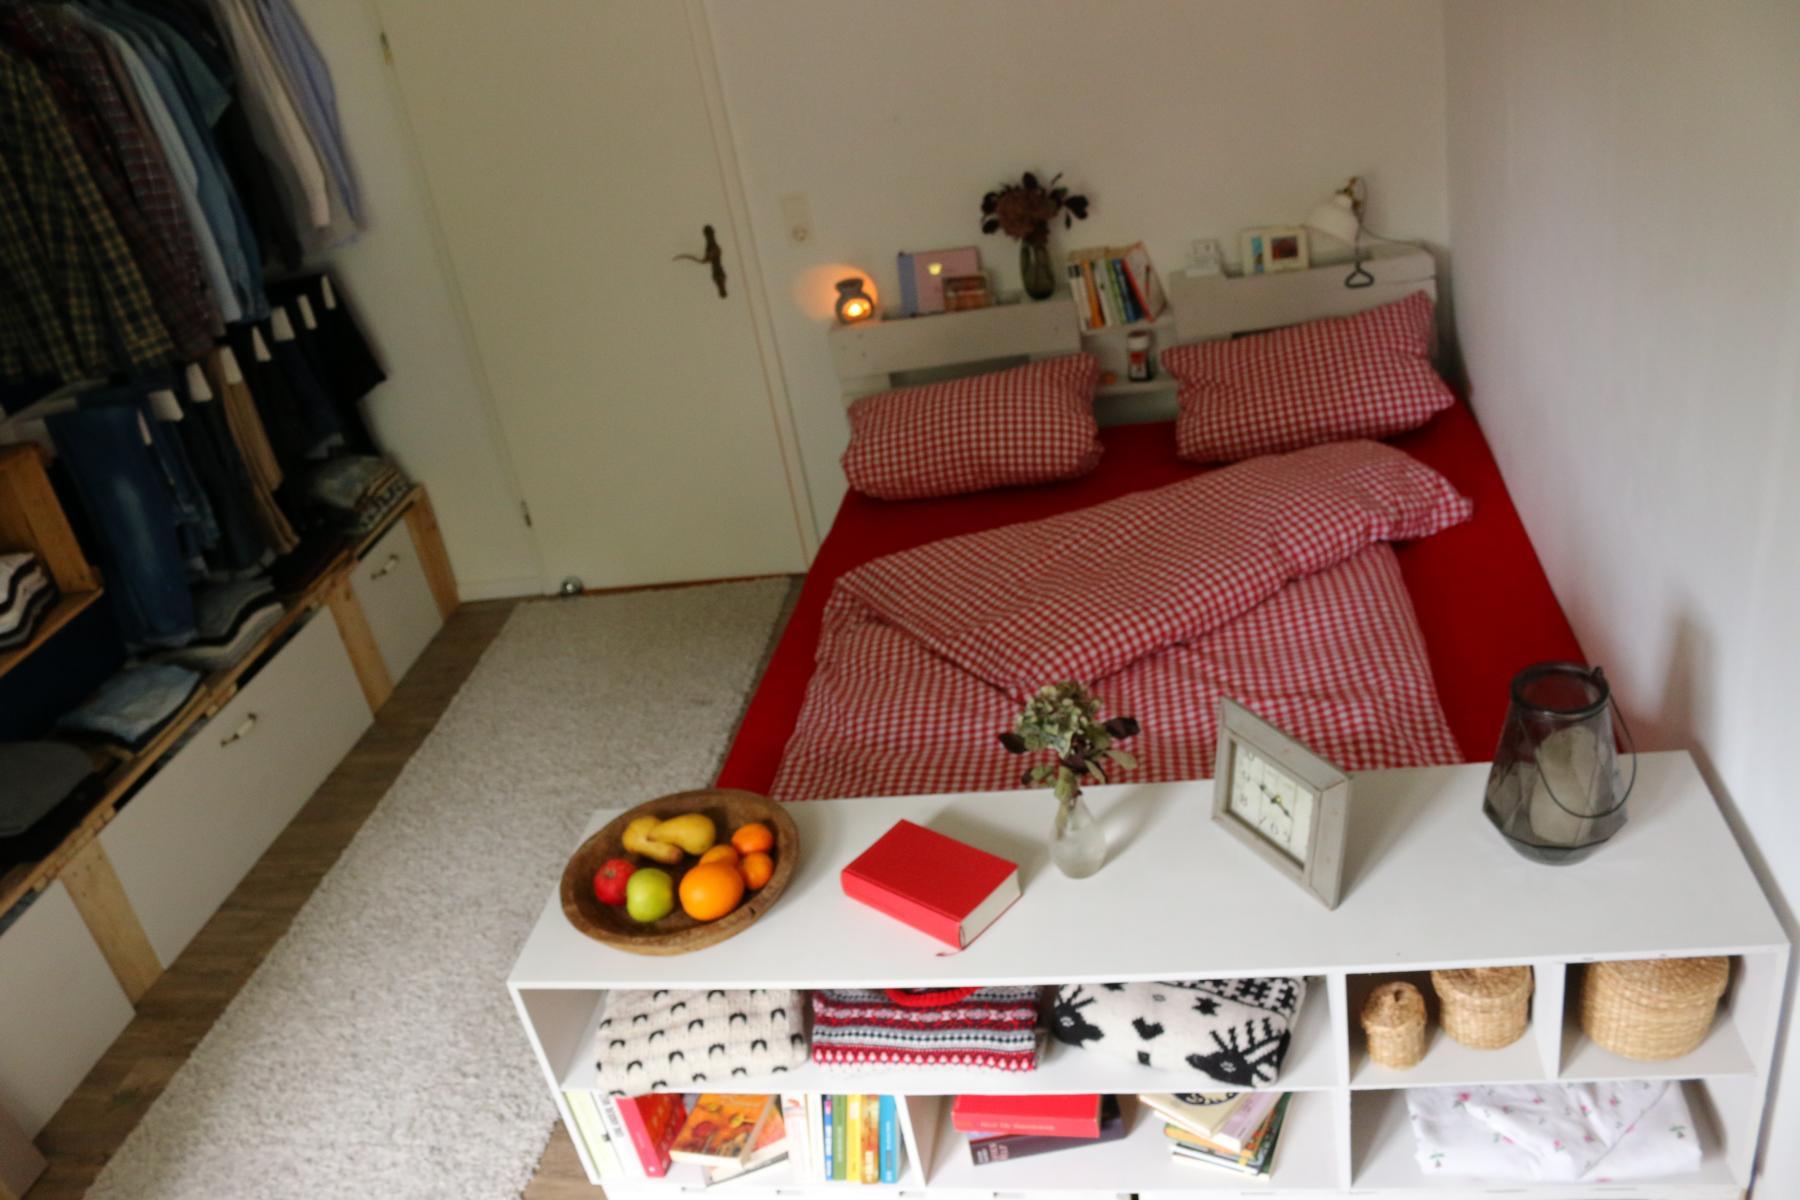 Palettenbett Diy  Palettenbett selber bauen Europaletten Bett DIY